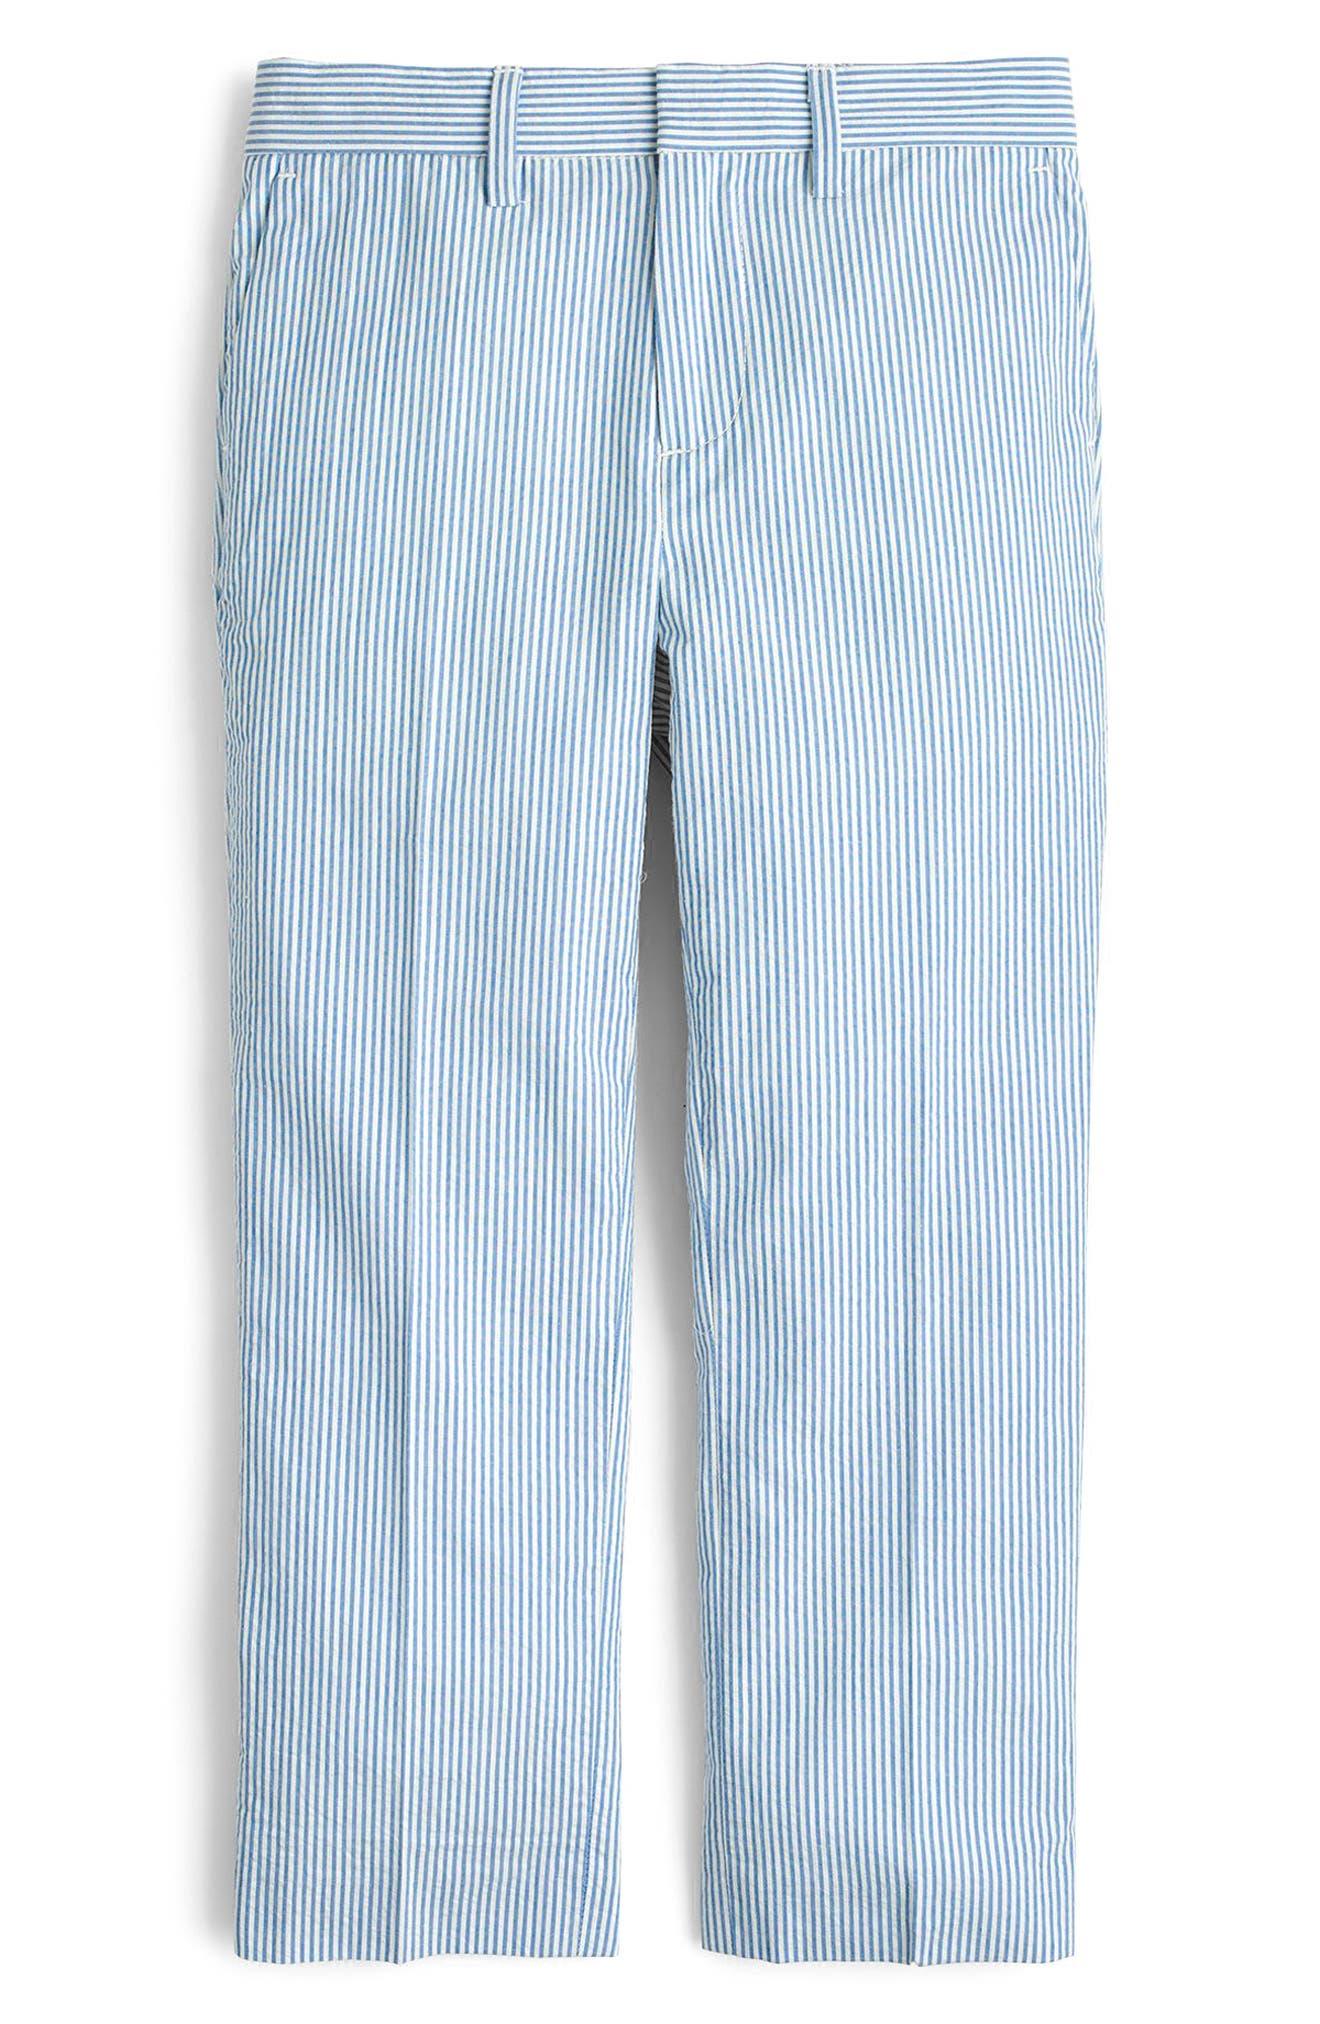 Boys Crewcuts By Jcrew Ludlow Seersucker Pants Size 12  Blue